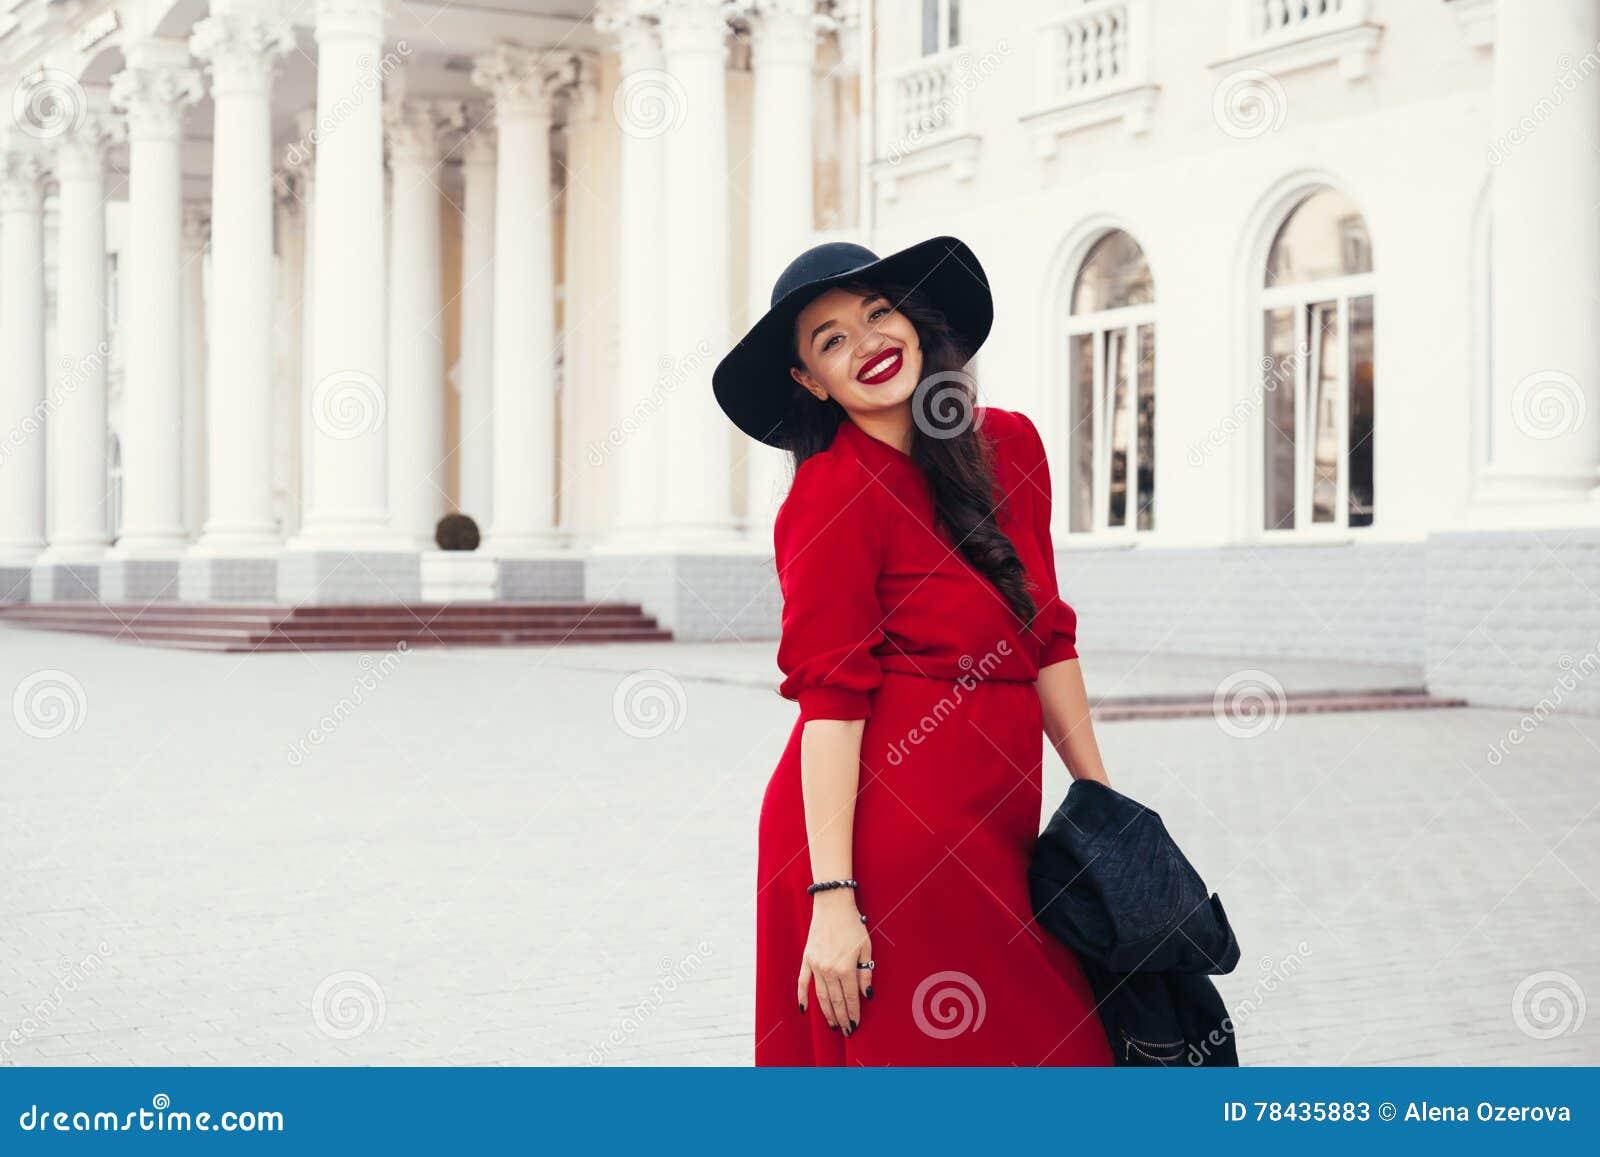 Street Fashion, Plus Size Model Stock Image - Image of ...